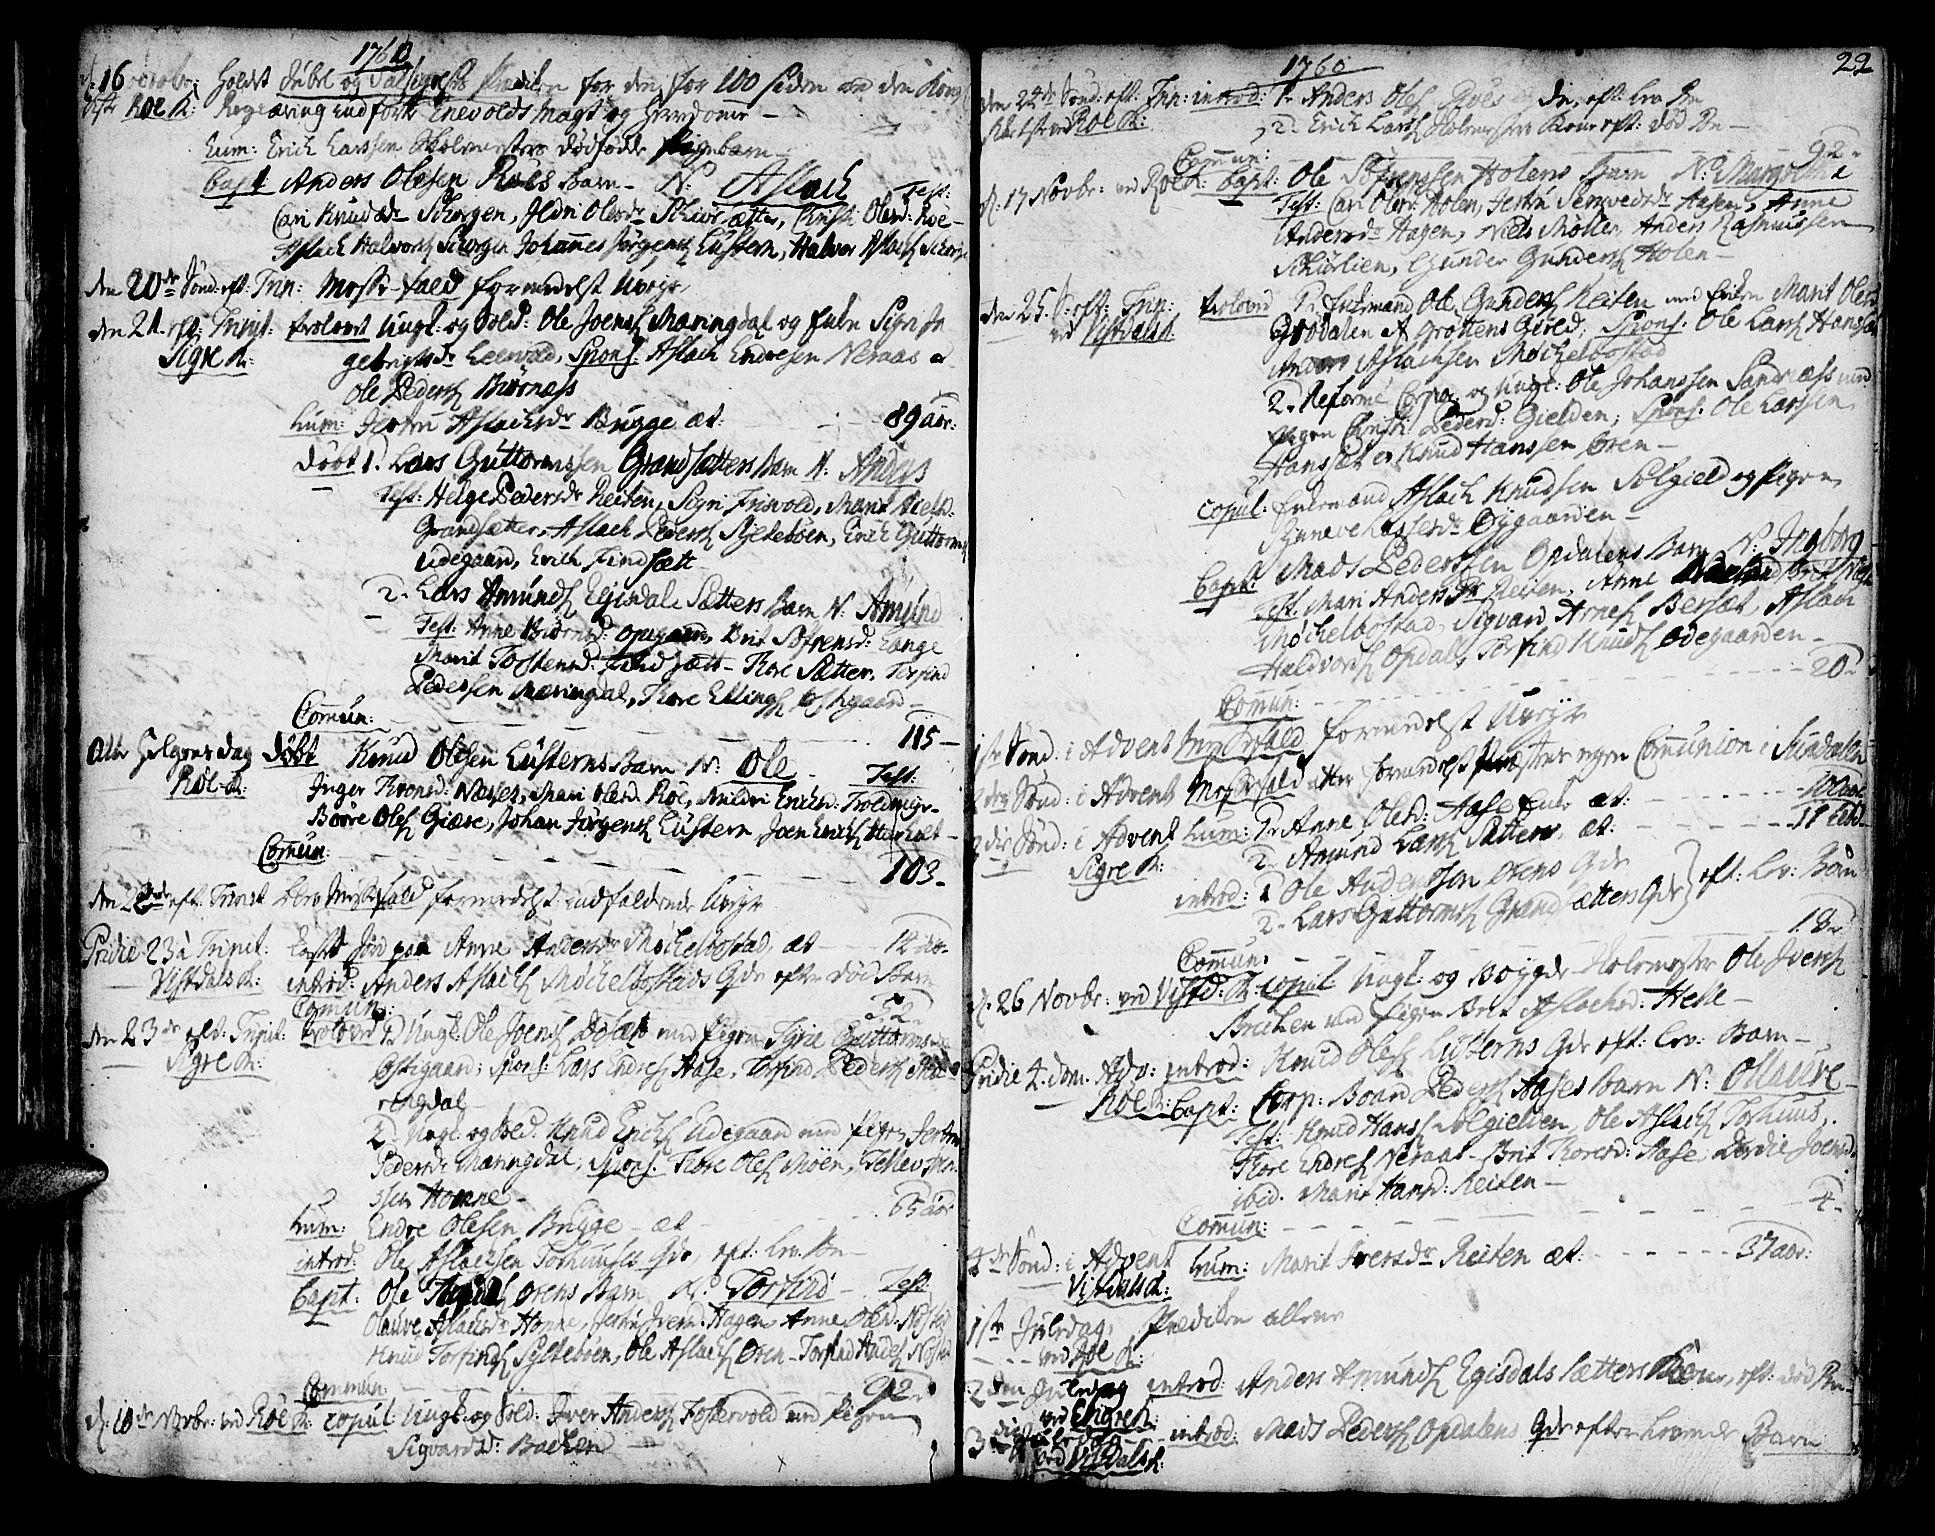 SAT, Ministerialprotokoller, klokkerbøker og fødselsregistre - Møre og Romsdal, 551/L0621: Ministerialbok nr. 551A01, 1757-1803, s. 22